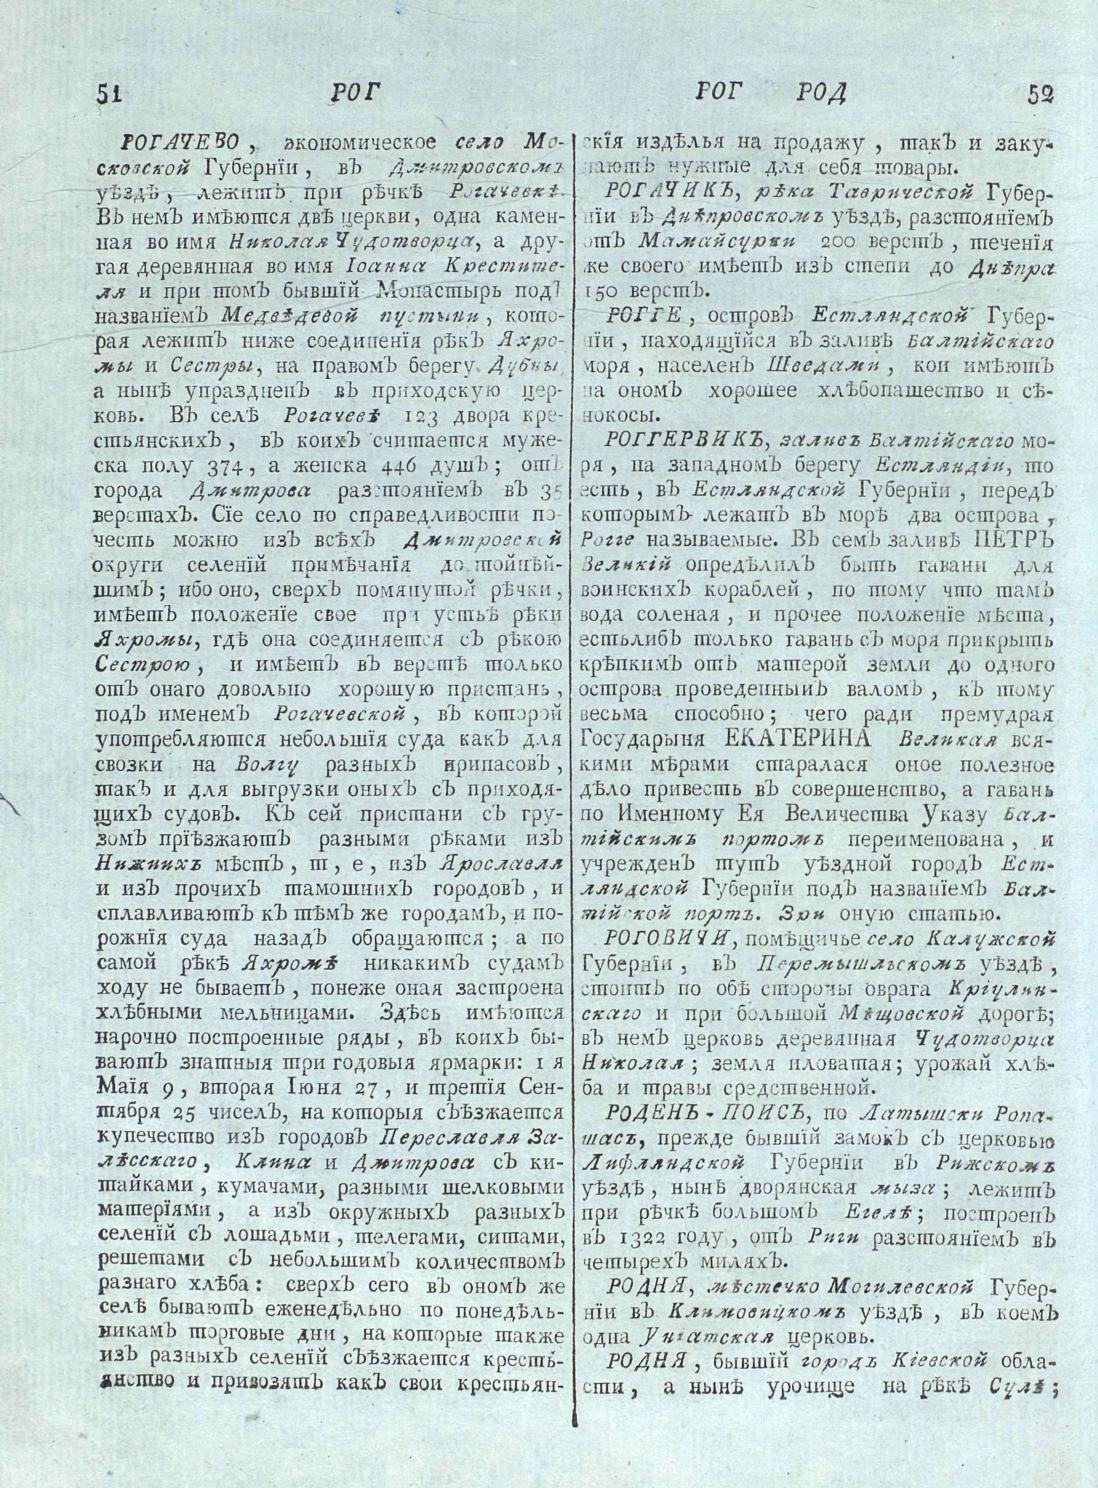 Рогачево Московская